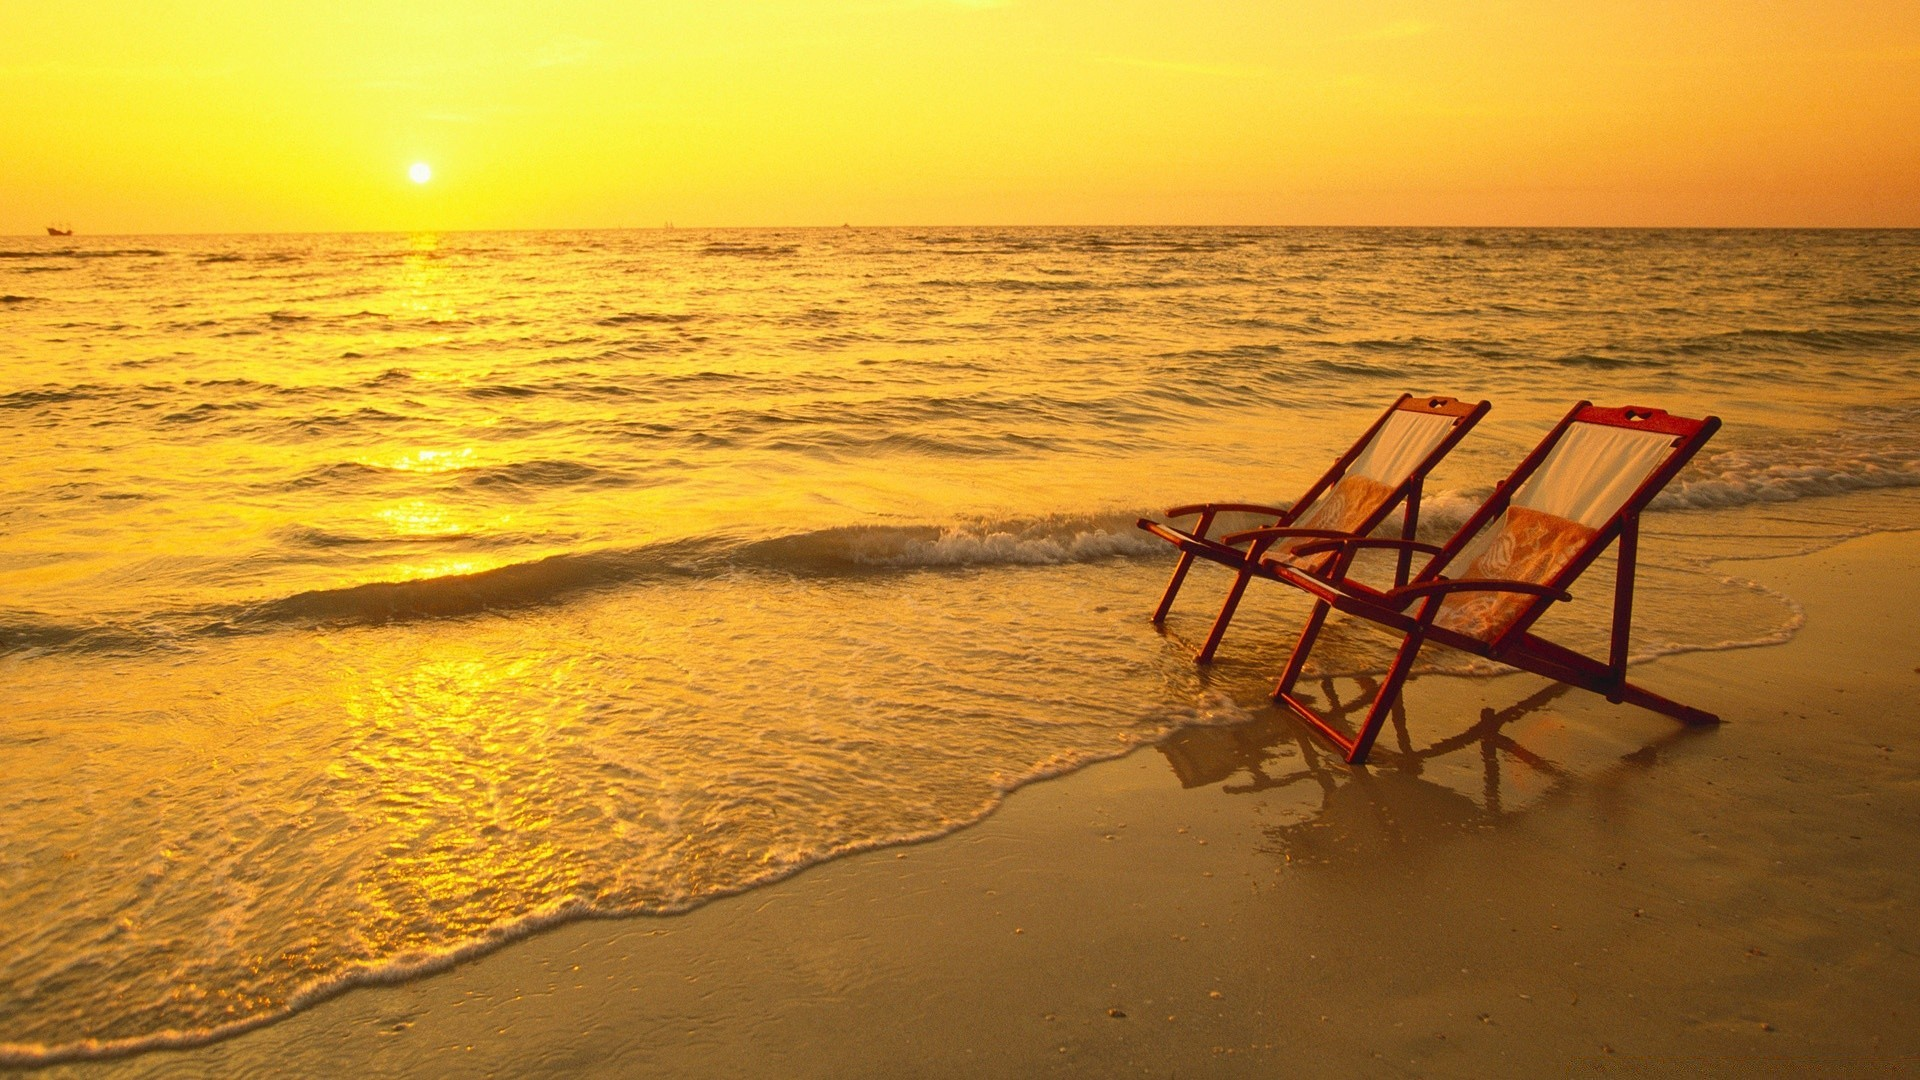 Пляж с желтыми зонтами  № 1497445 бесплатно